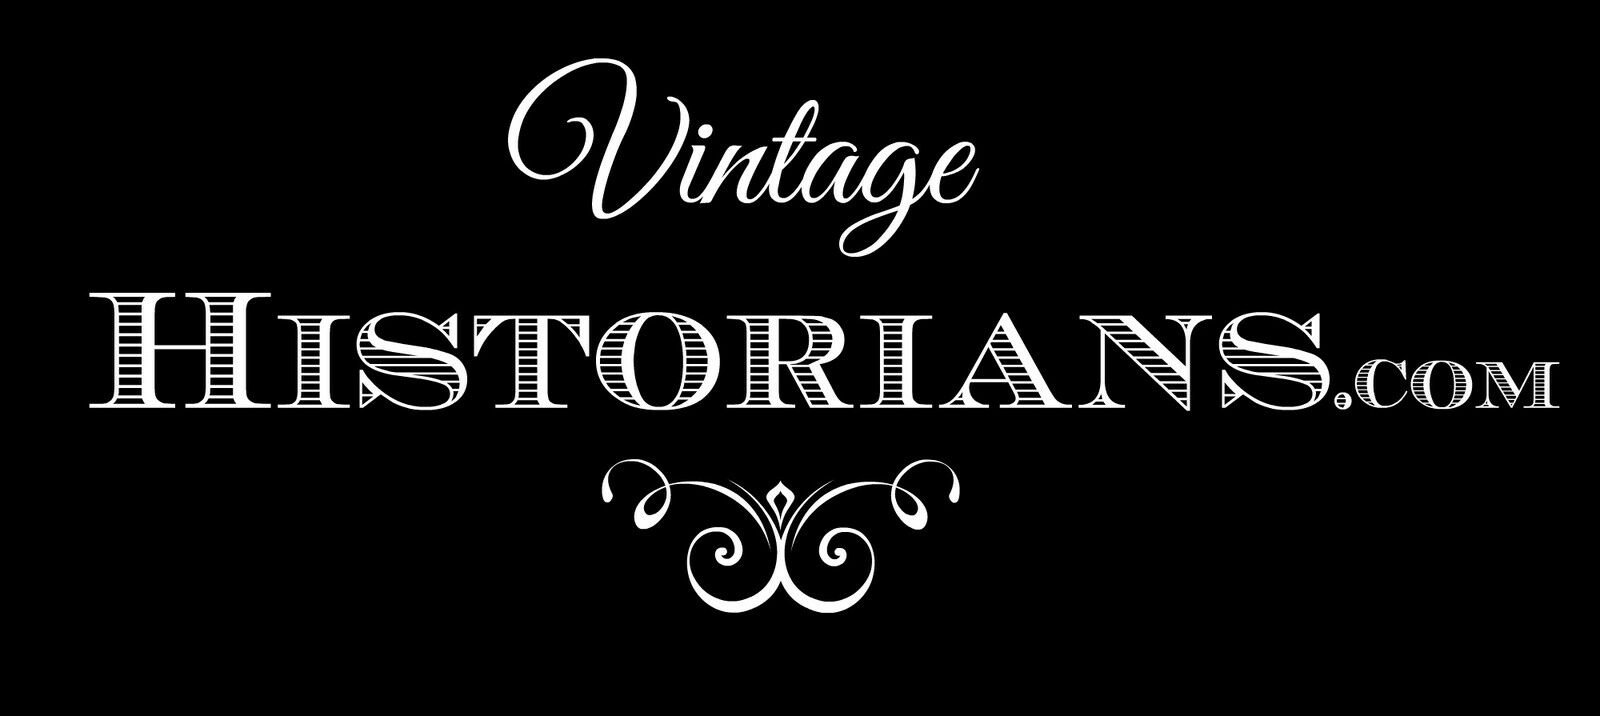 VintageHistorians.com